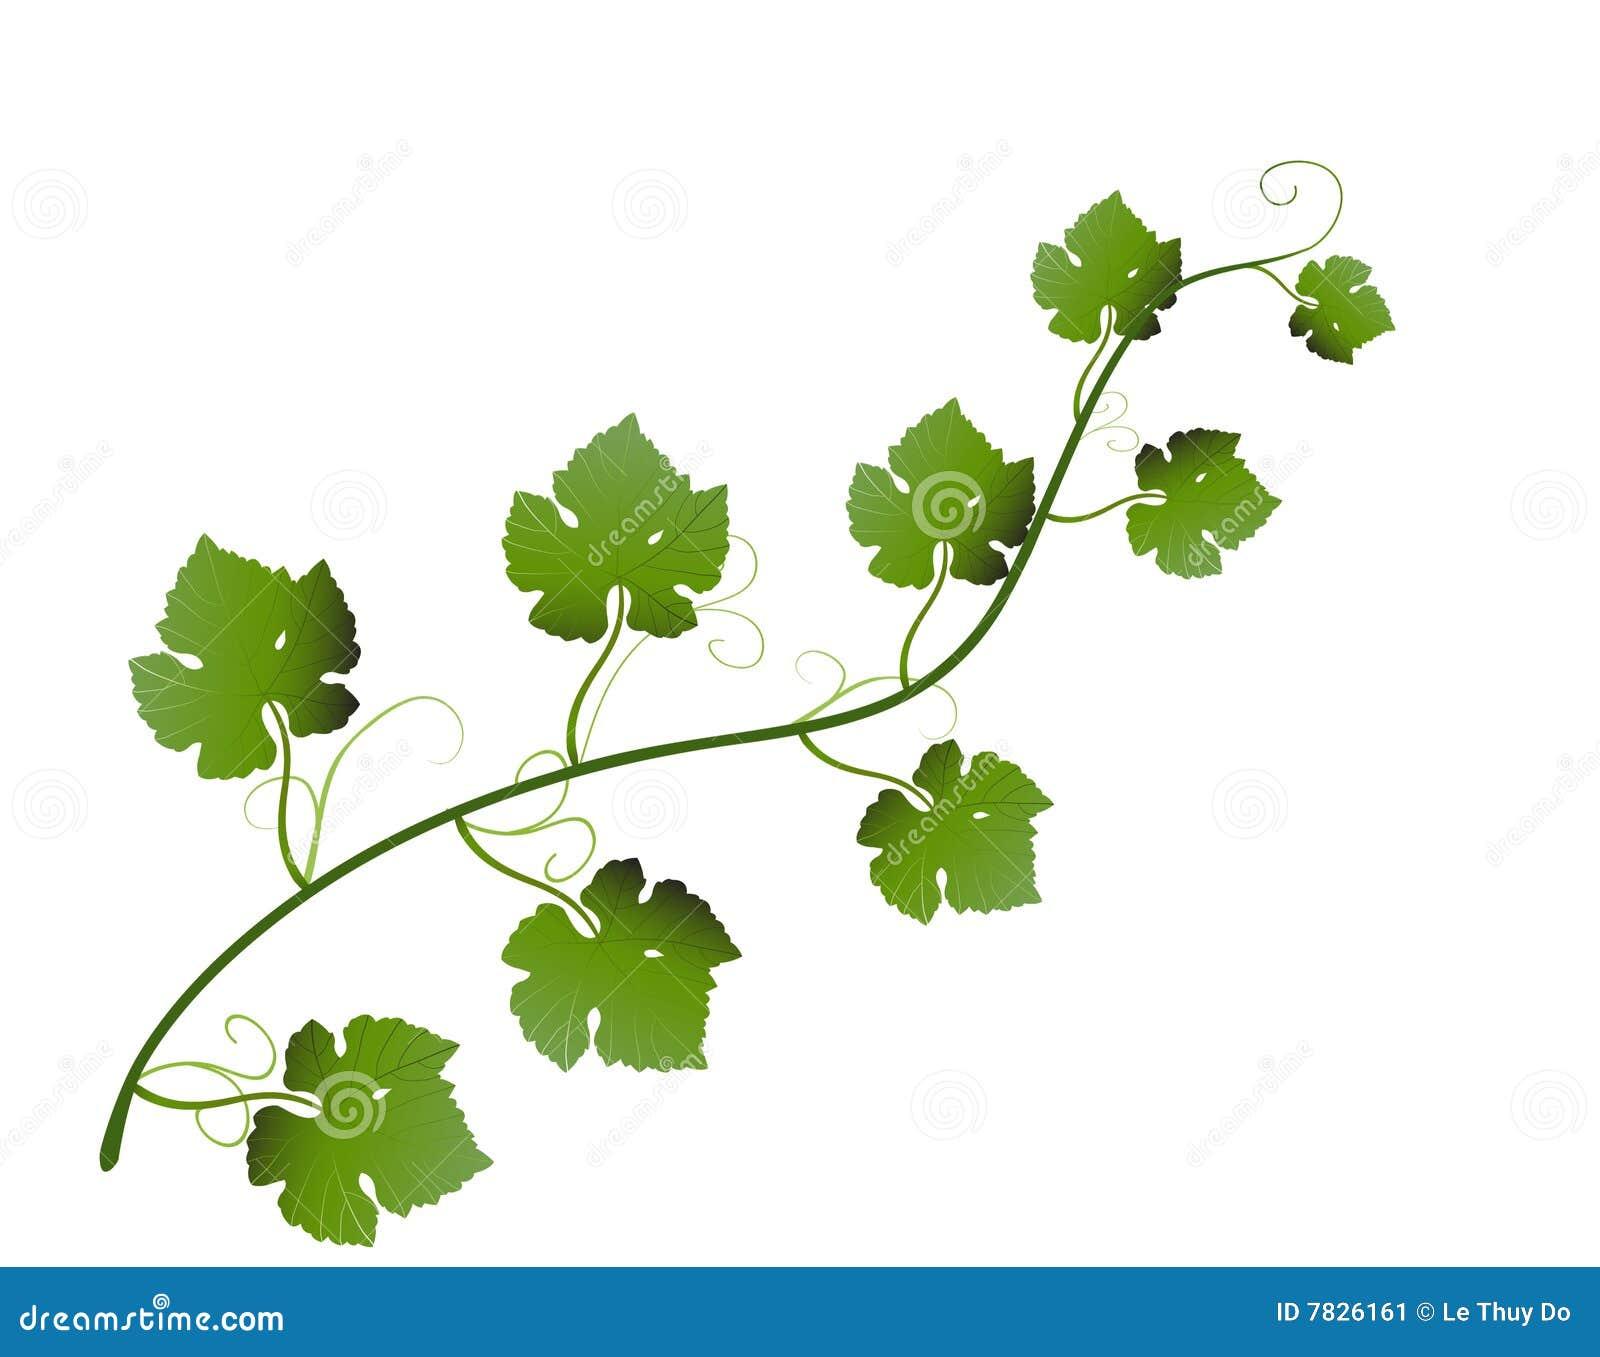 Raster illustration of green grape leaves on vine.